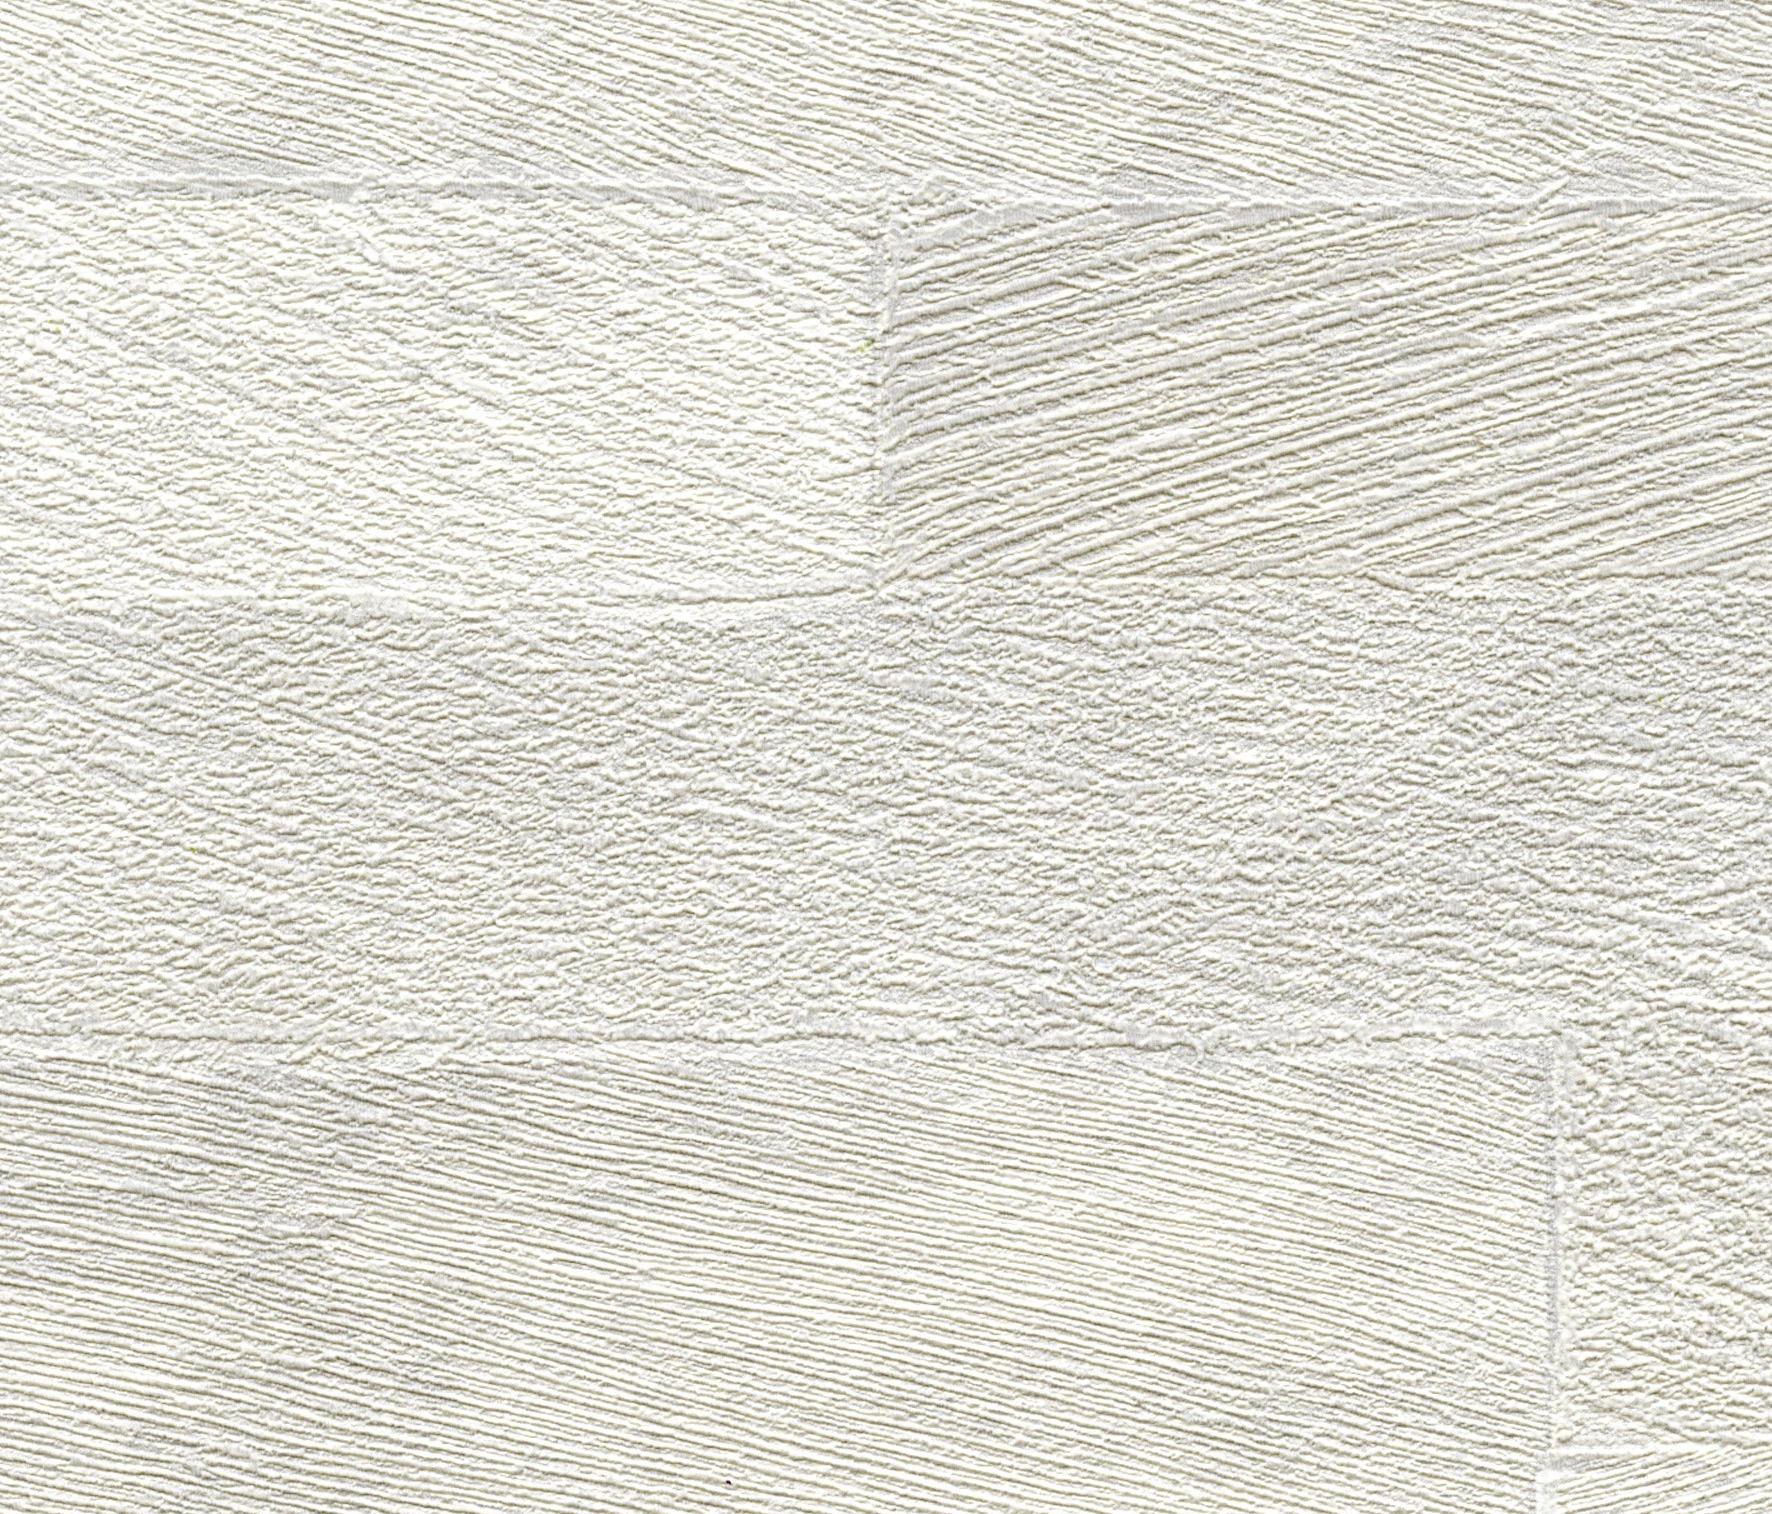 Nomades Pana Vp 893 01 Revetements Muraux Papiers Peint De